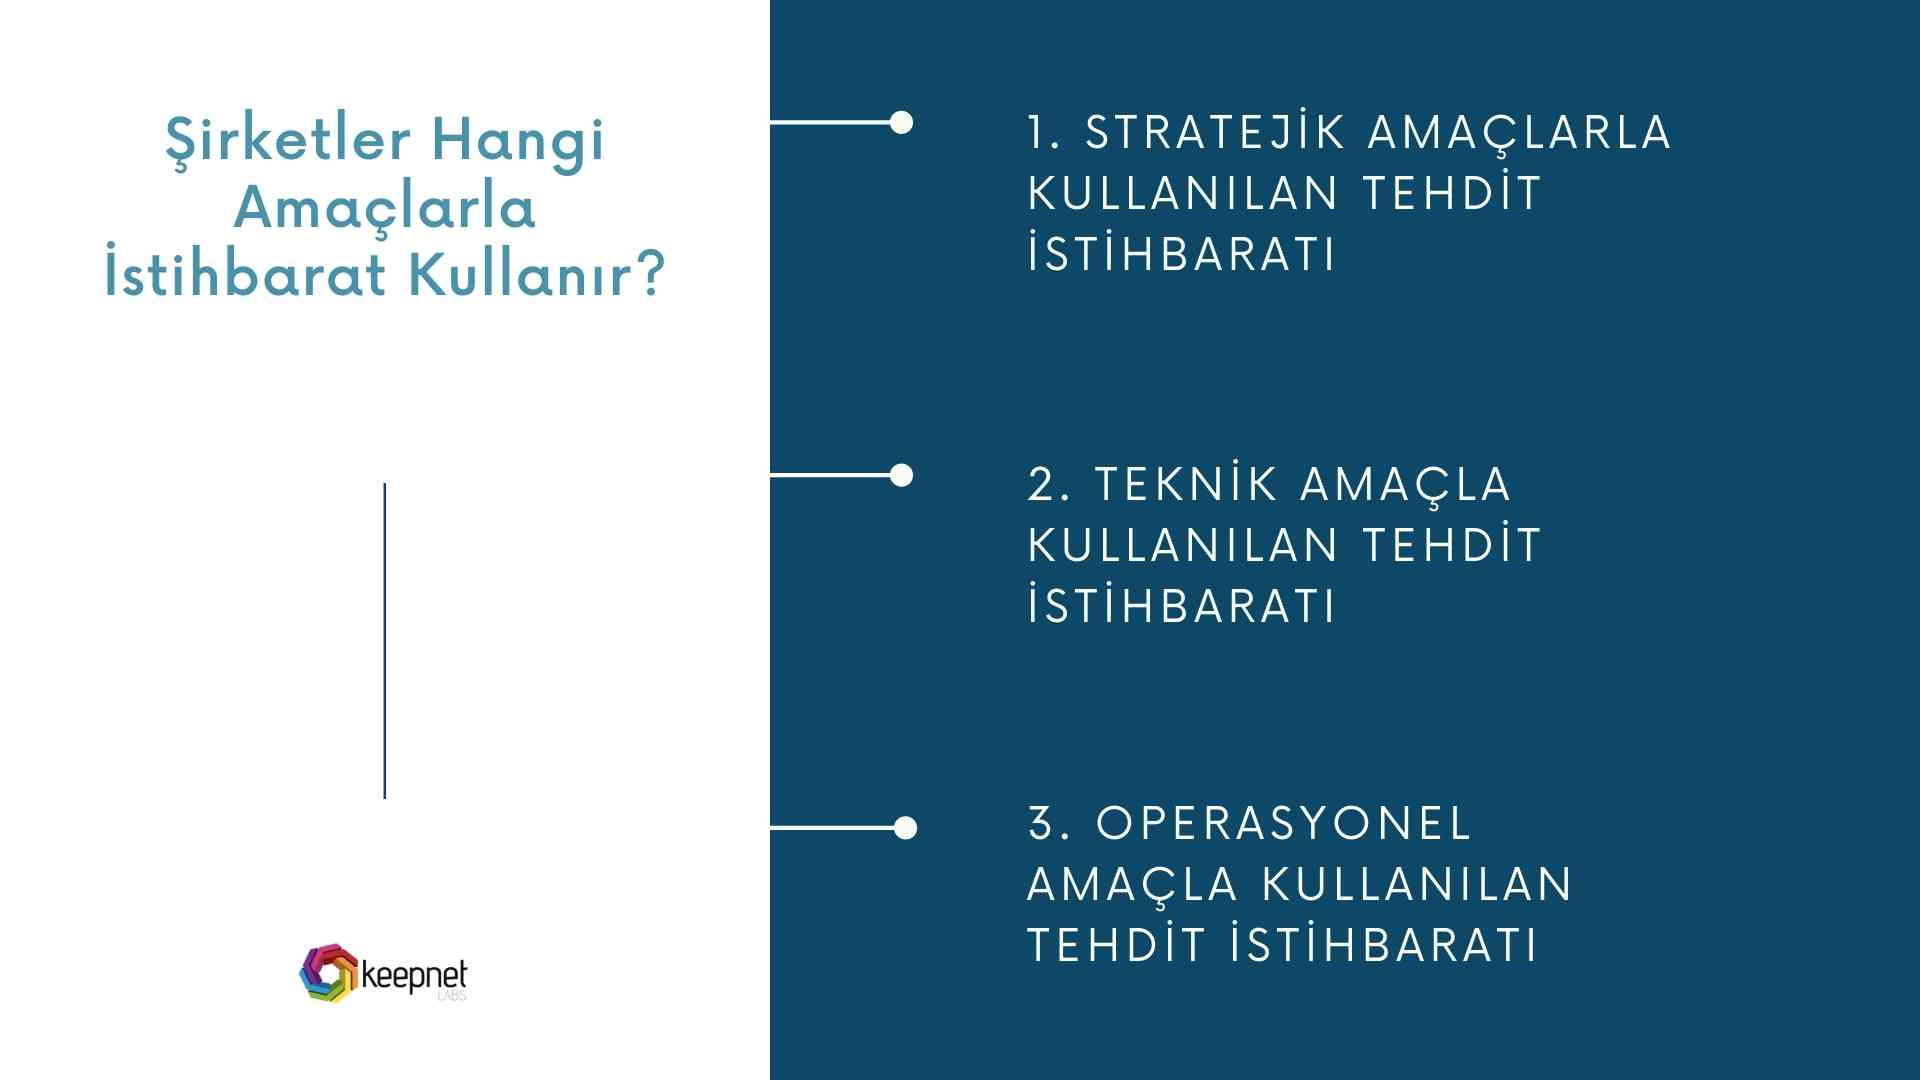 Şirketler Hangi Amaçlarla İstihbarat Kullanır?